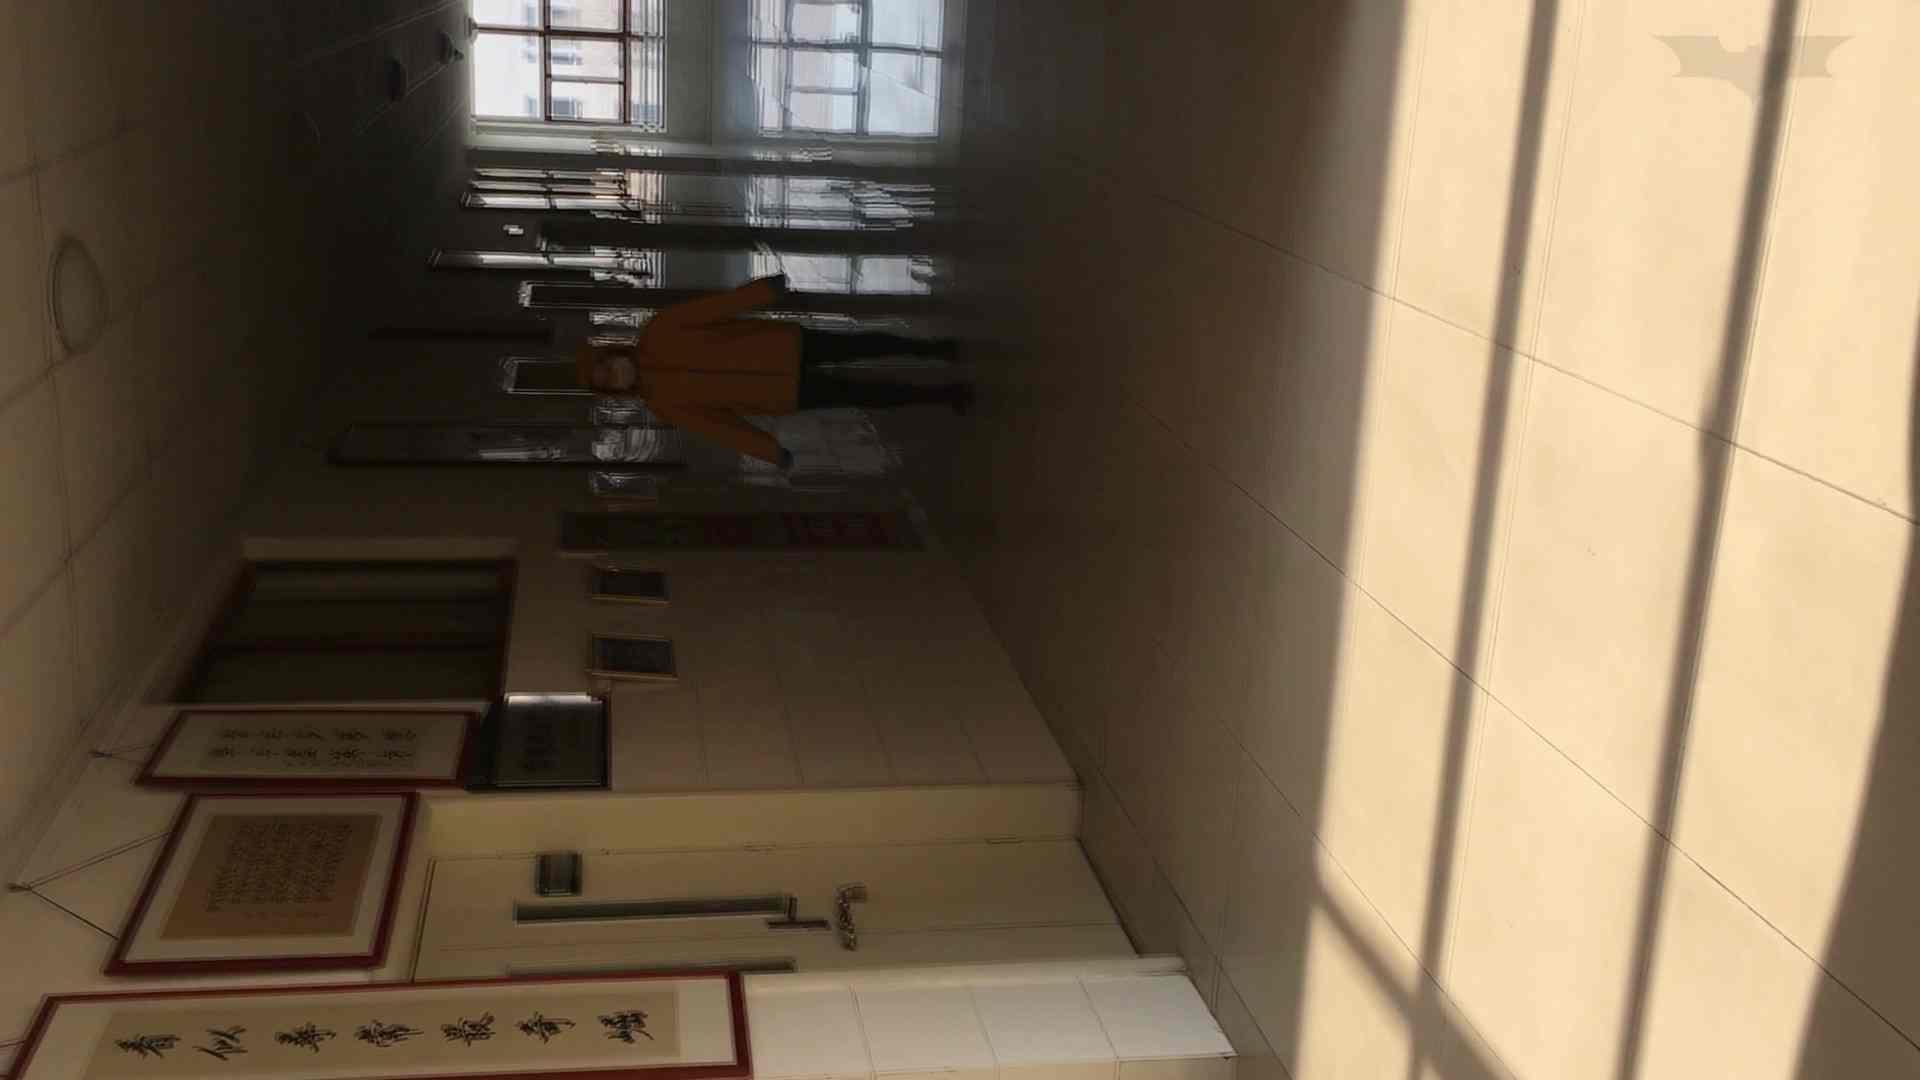 芸術大学ガチ潜入盗撮 JD盗撮 美女の洗面所の秘密 Vol.91 トイレ  72PIX 11